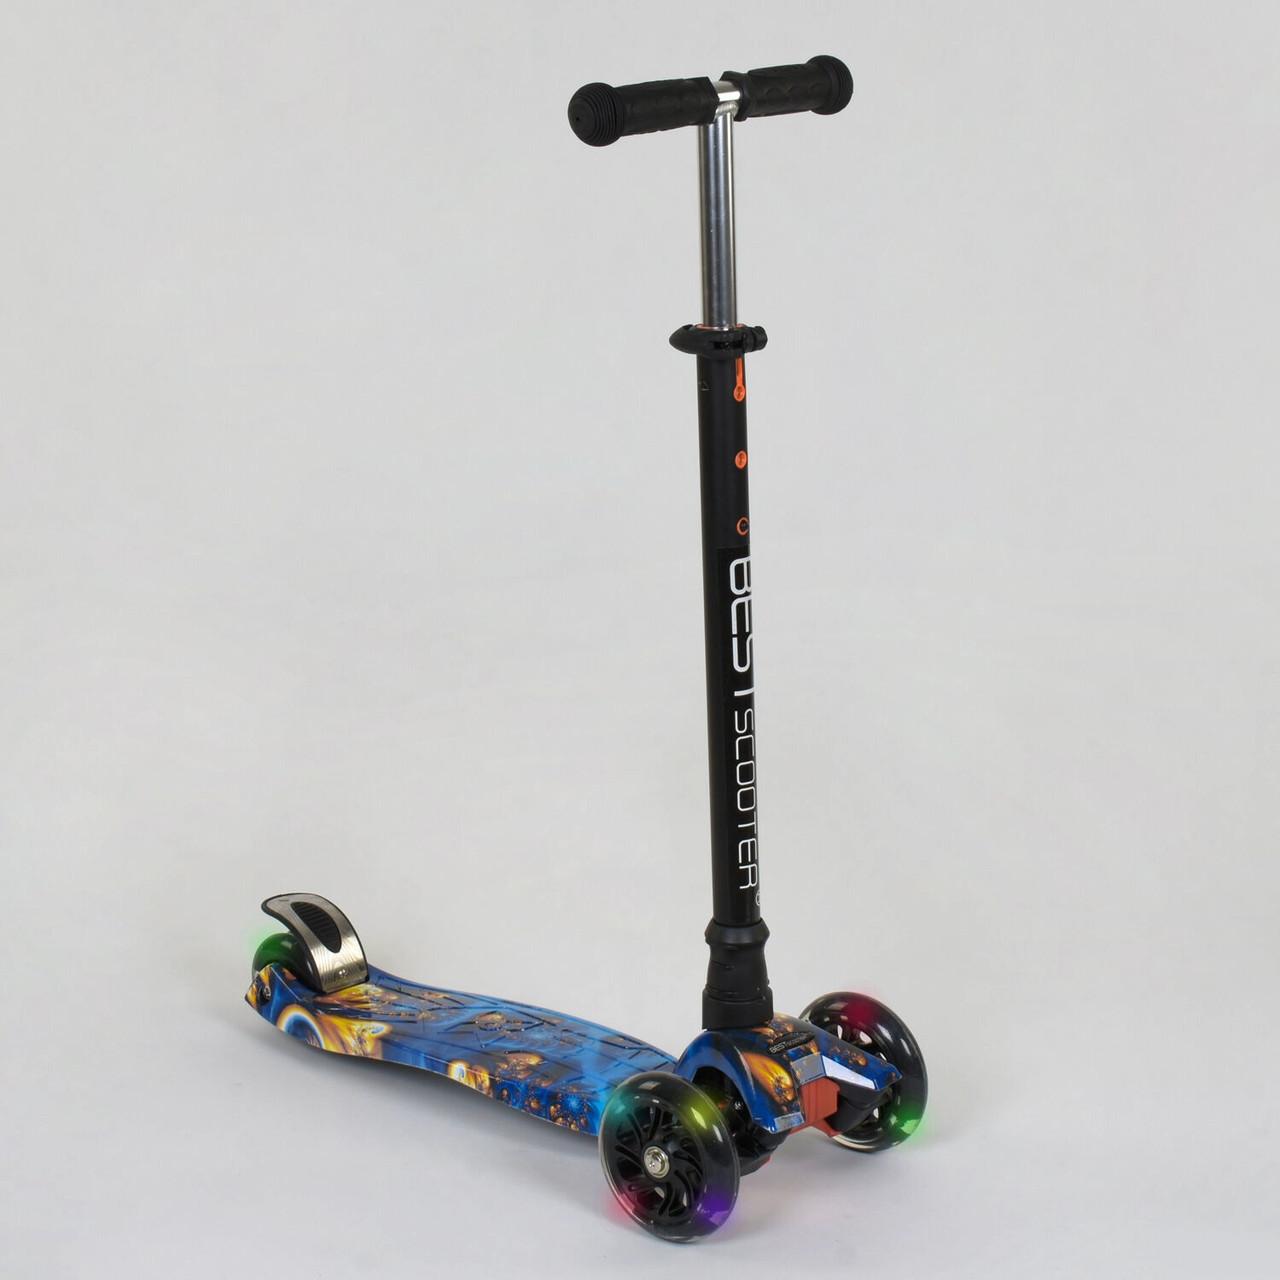 Самокат детский трехколесный Best Scooter Maxi А 25536 / 779-1334, светящиеся PU колеса